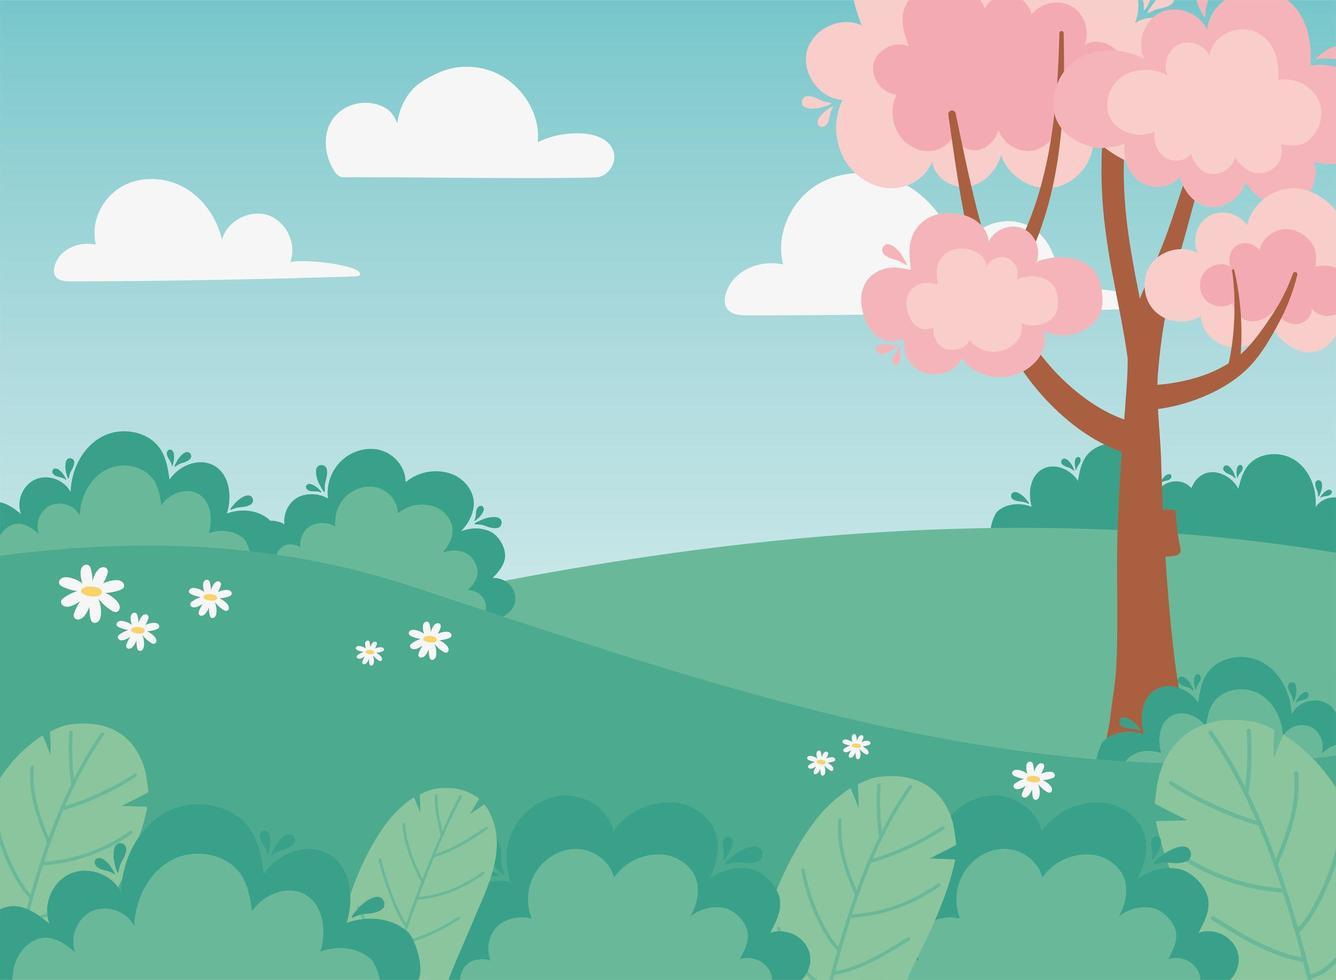 vegetação da paisagem, flores, arbustos, campo e árvore vetor